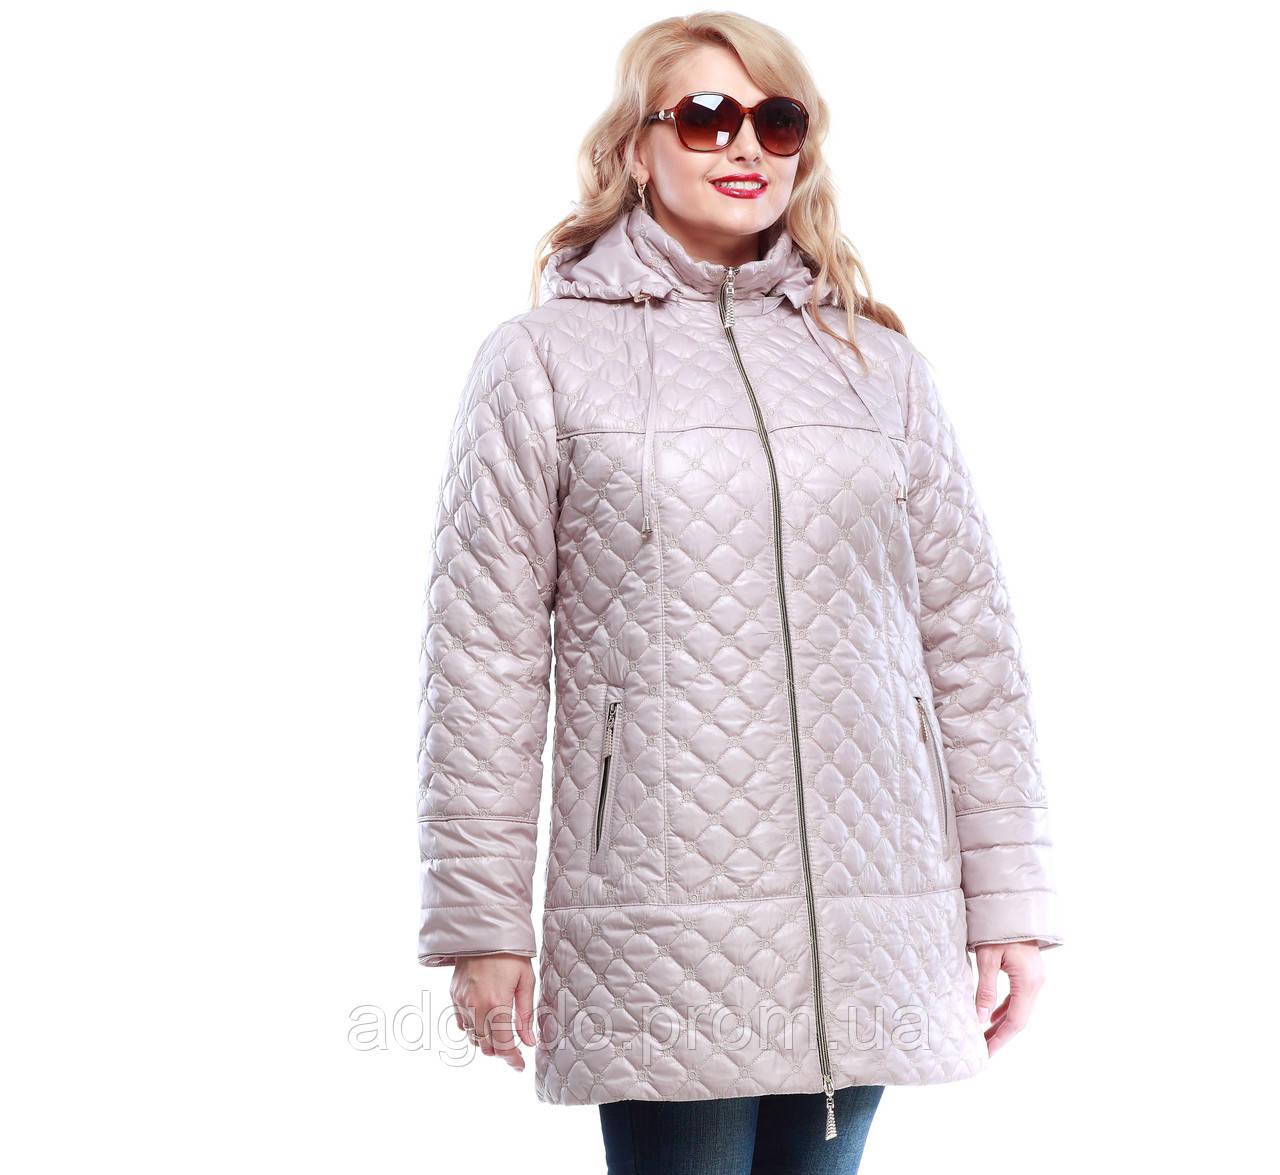 12c5b68d099 Куртка женская демисезонная стеганная большие размеры